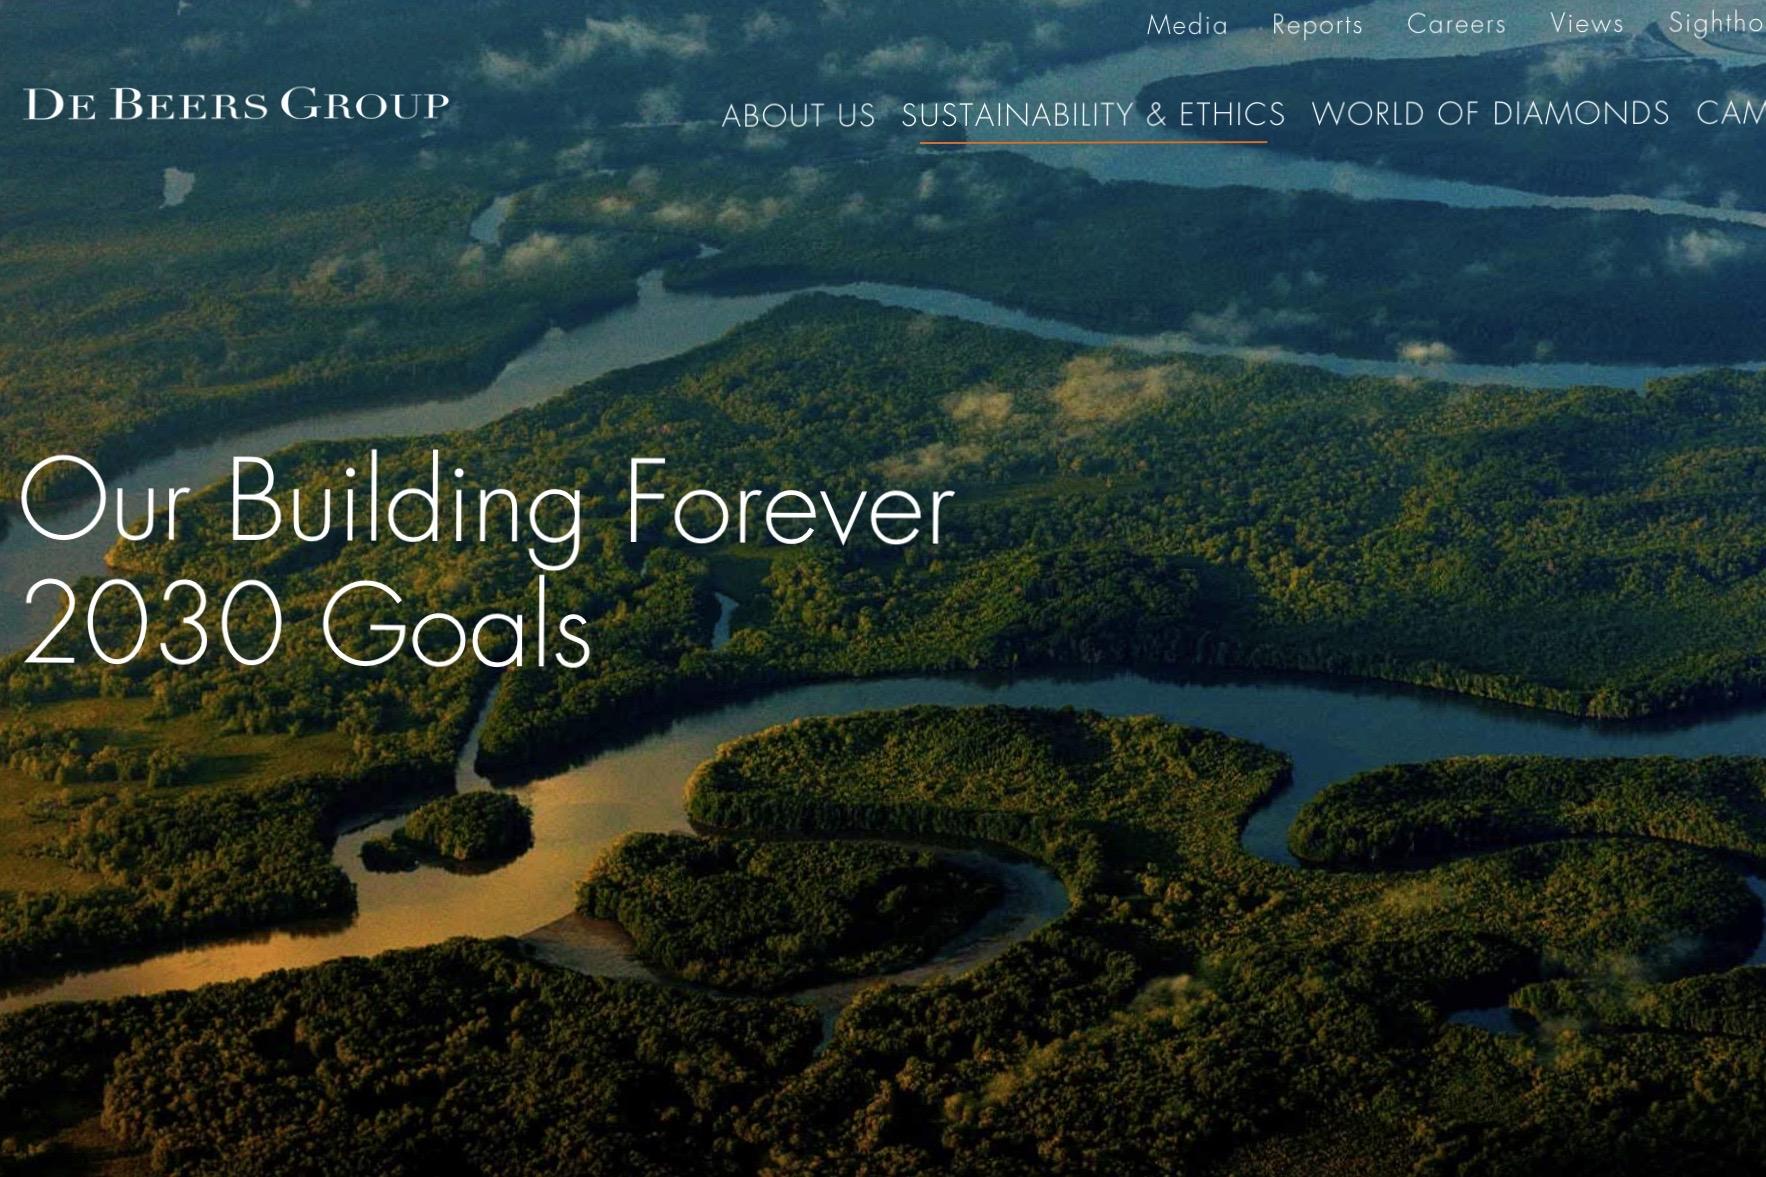 全球最大钻石供应商 De Beers 发布2030年可持续发展战略